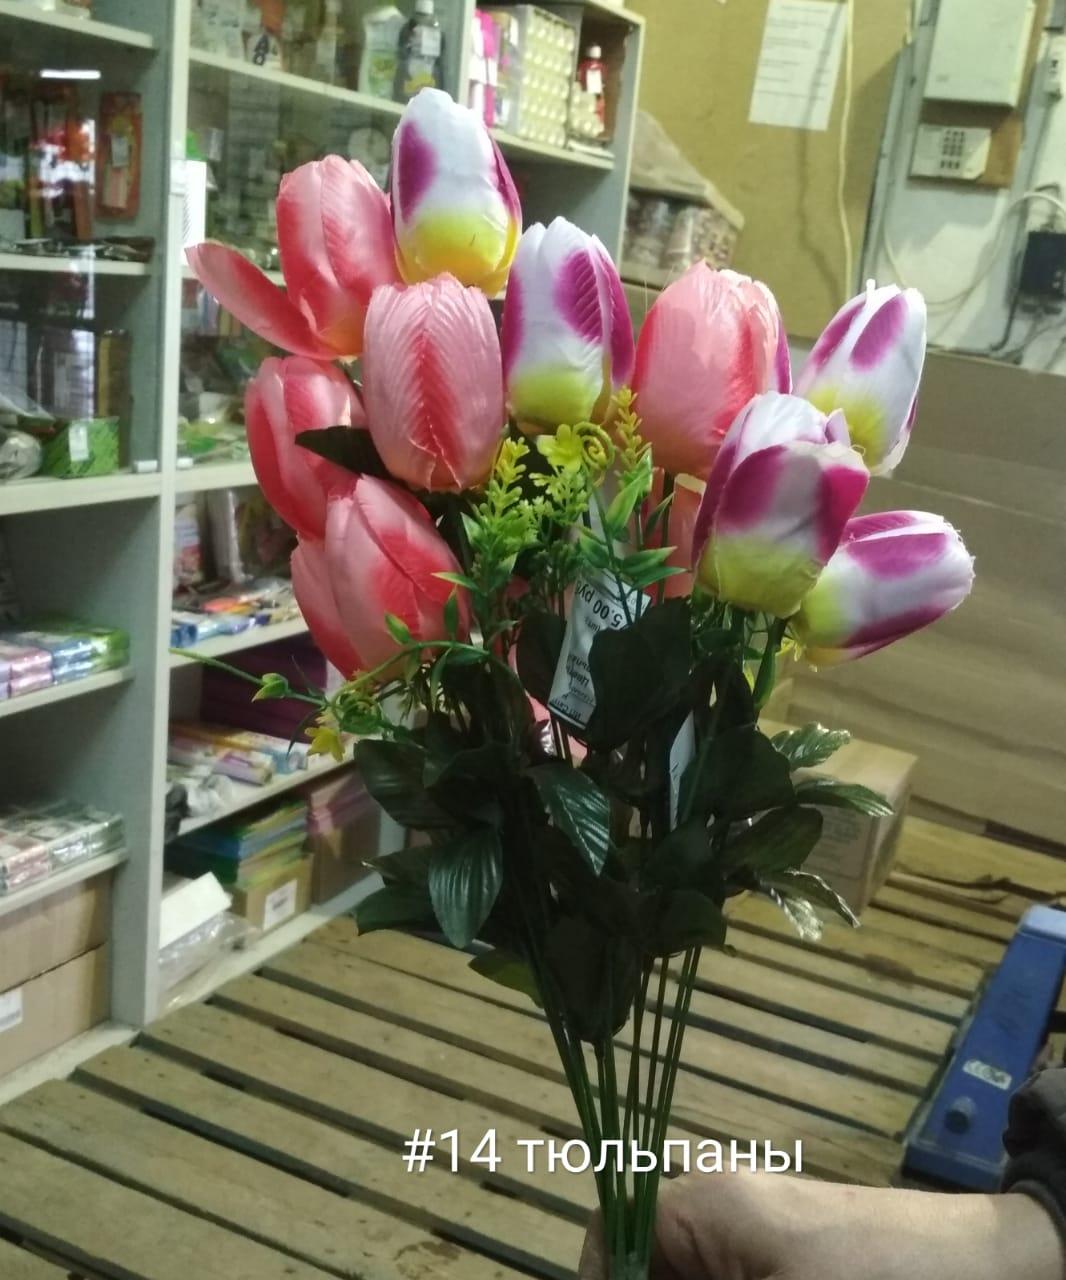 Букет крупные магазин цветов в твери роз